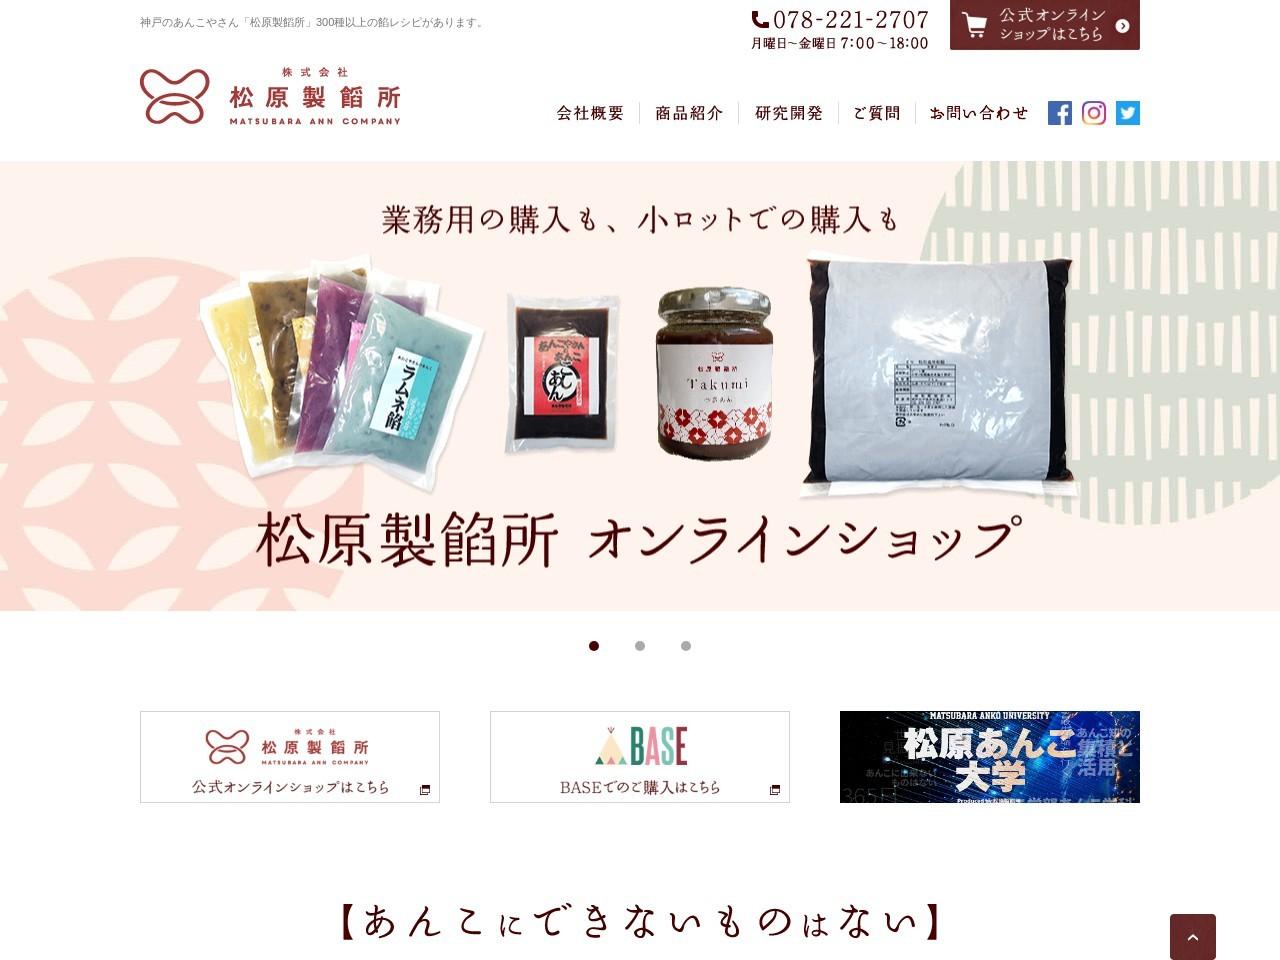 神戸のあんこやさん「松原製餡所」300種以上の餡レシピがあります。